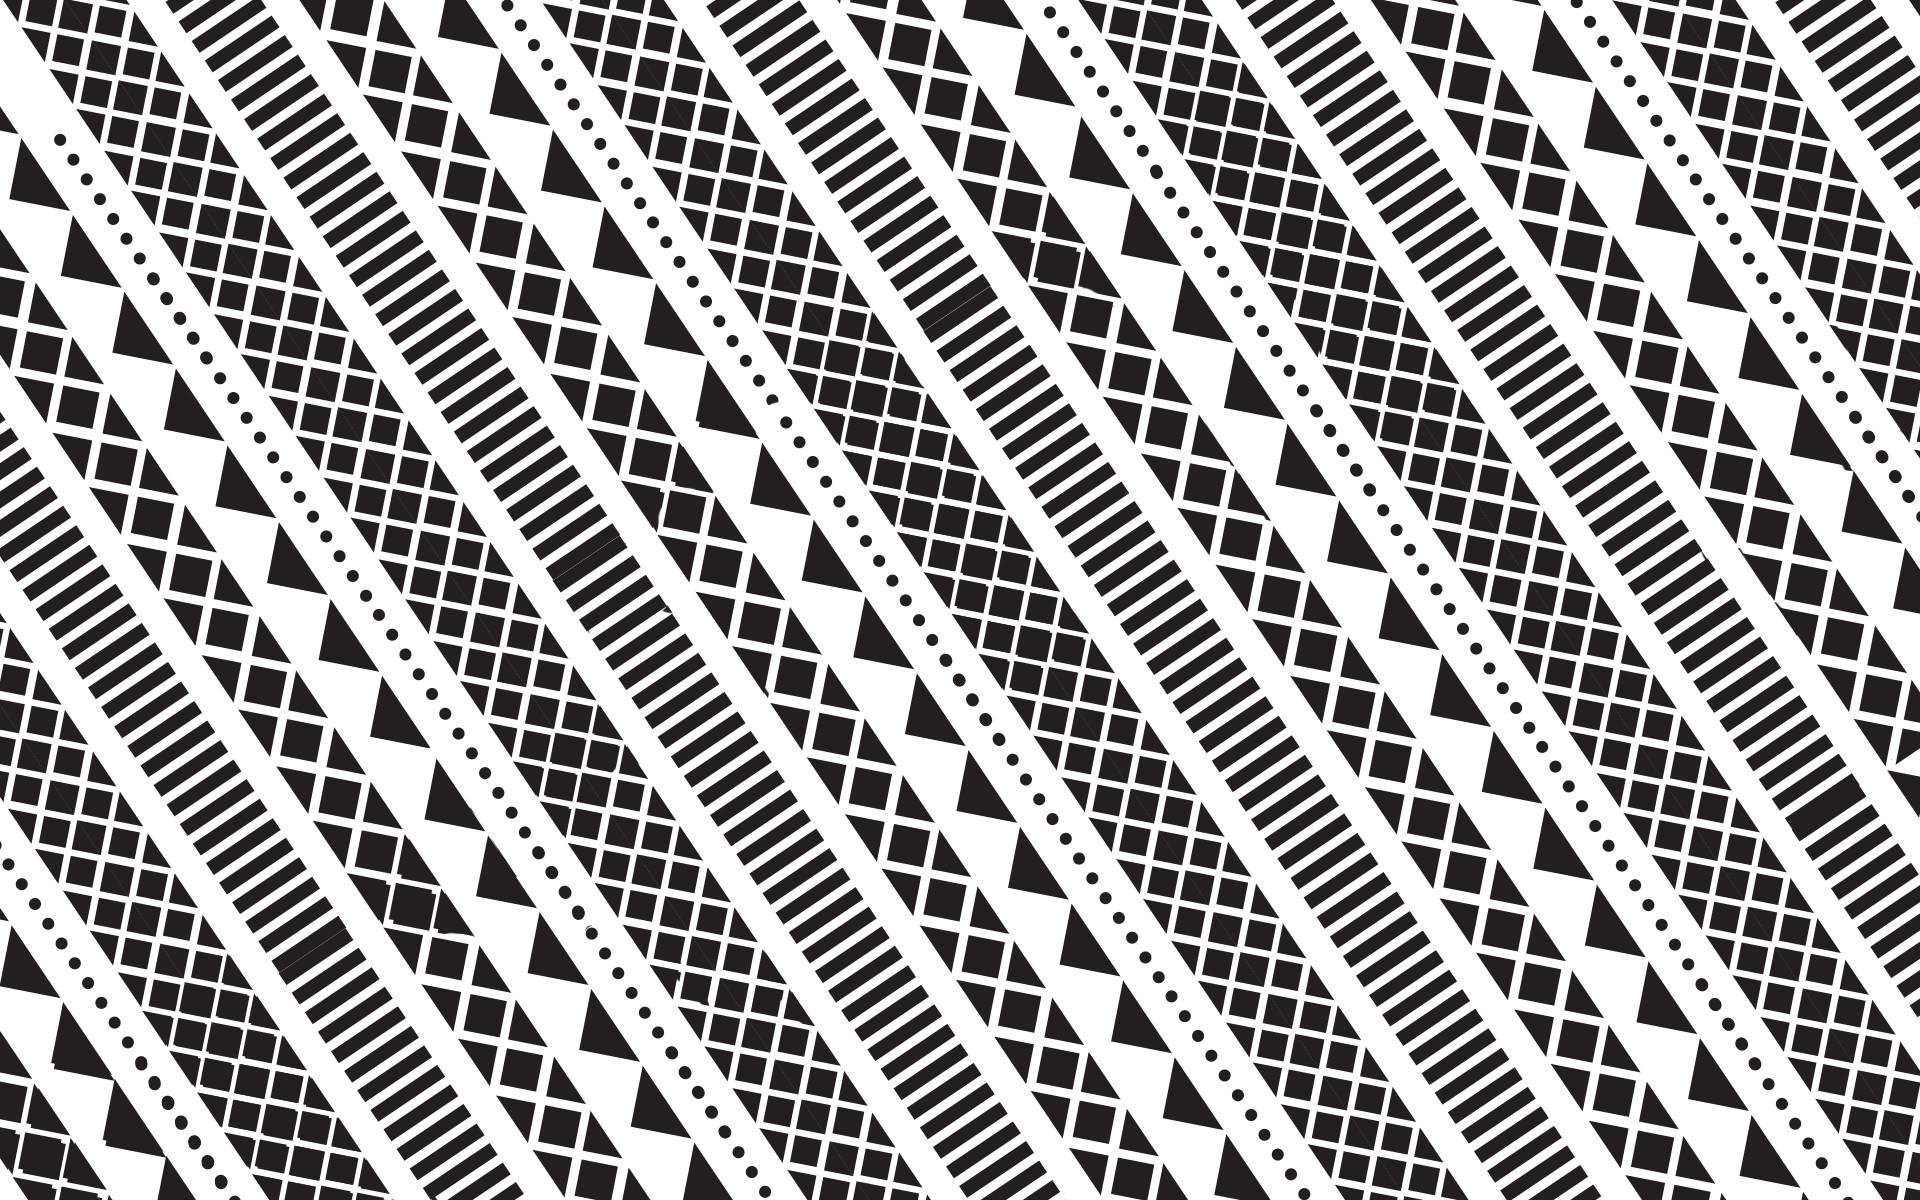 Res: 1920x1200, Incipio Tribal Wallpaper